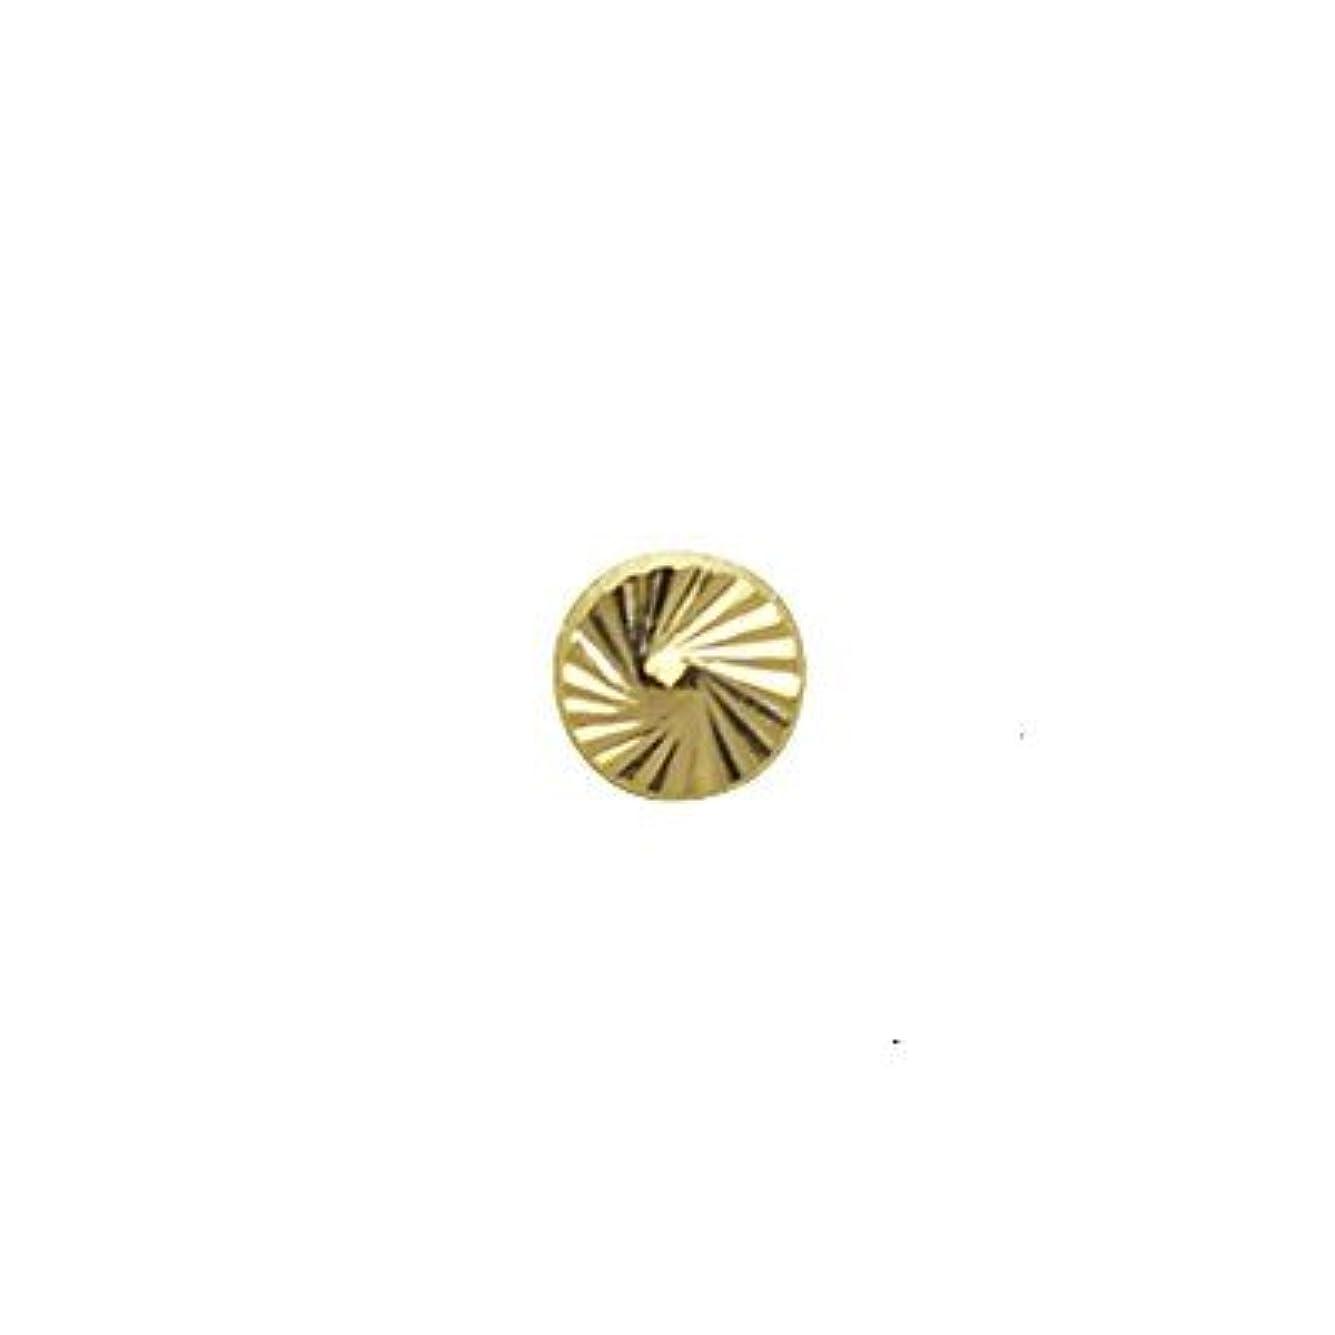 SHAREYDVA ネイルパーツ サンシャインスタッズ ゴールド 4mm 20P